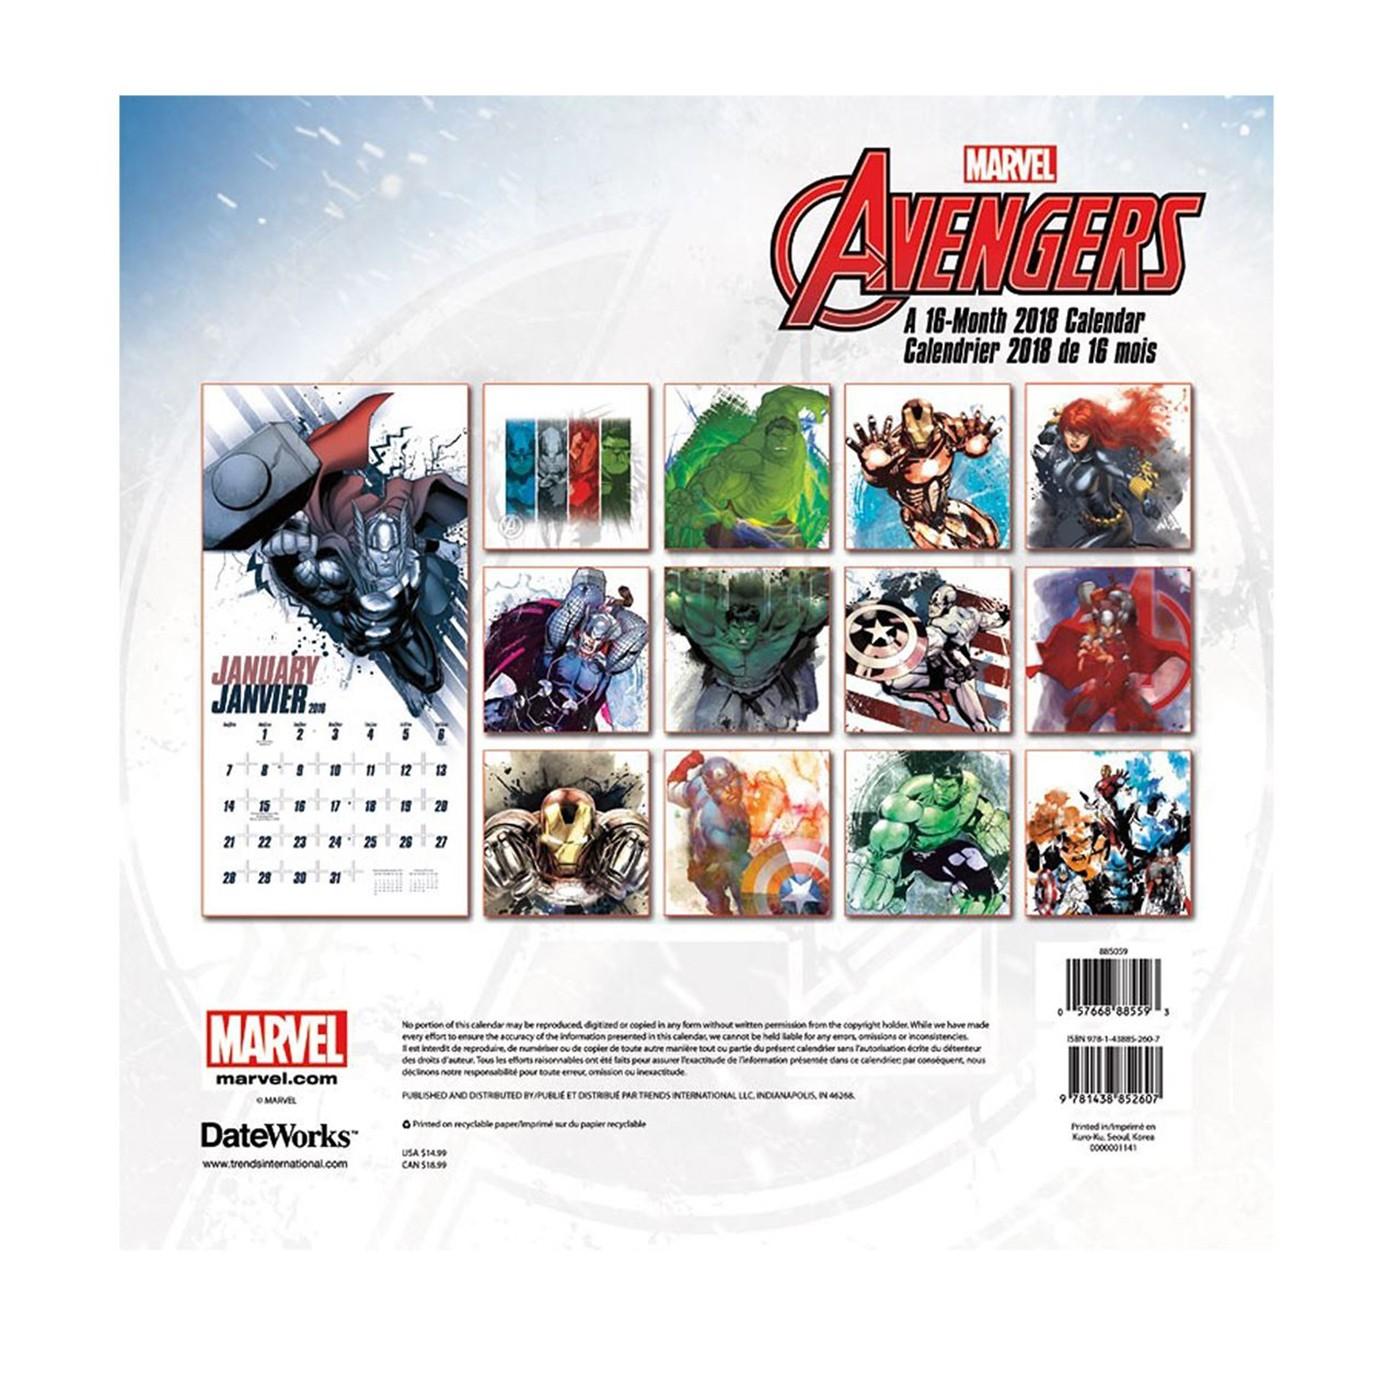 Avengers 16-Month 2018 Calendar